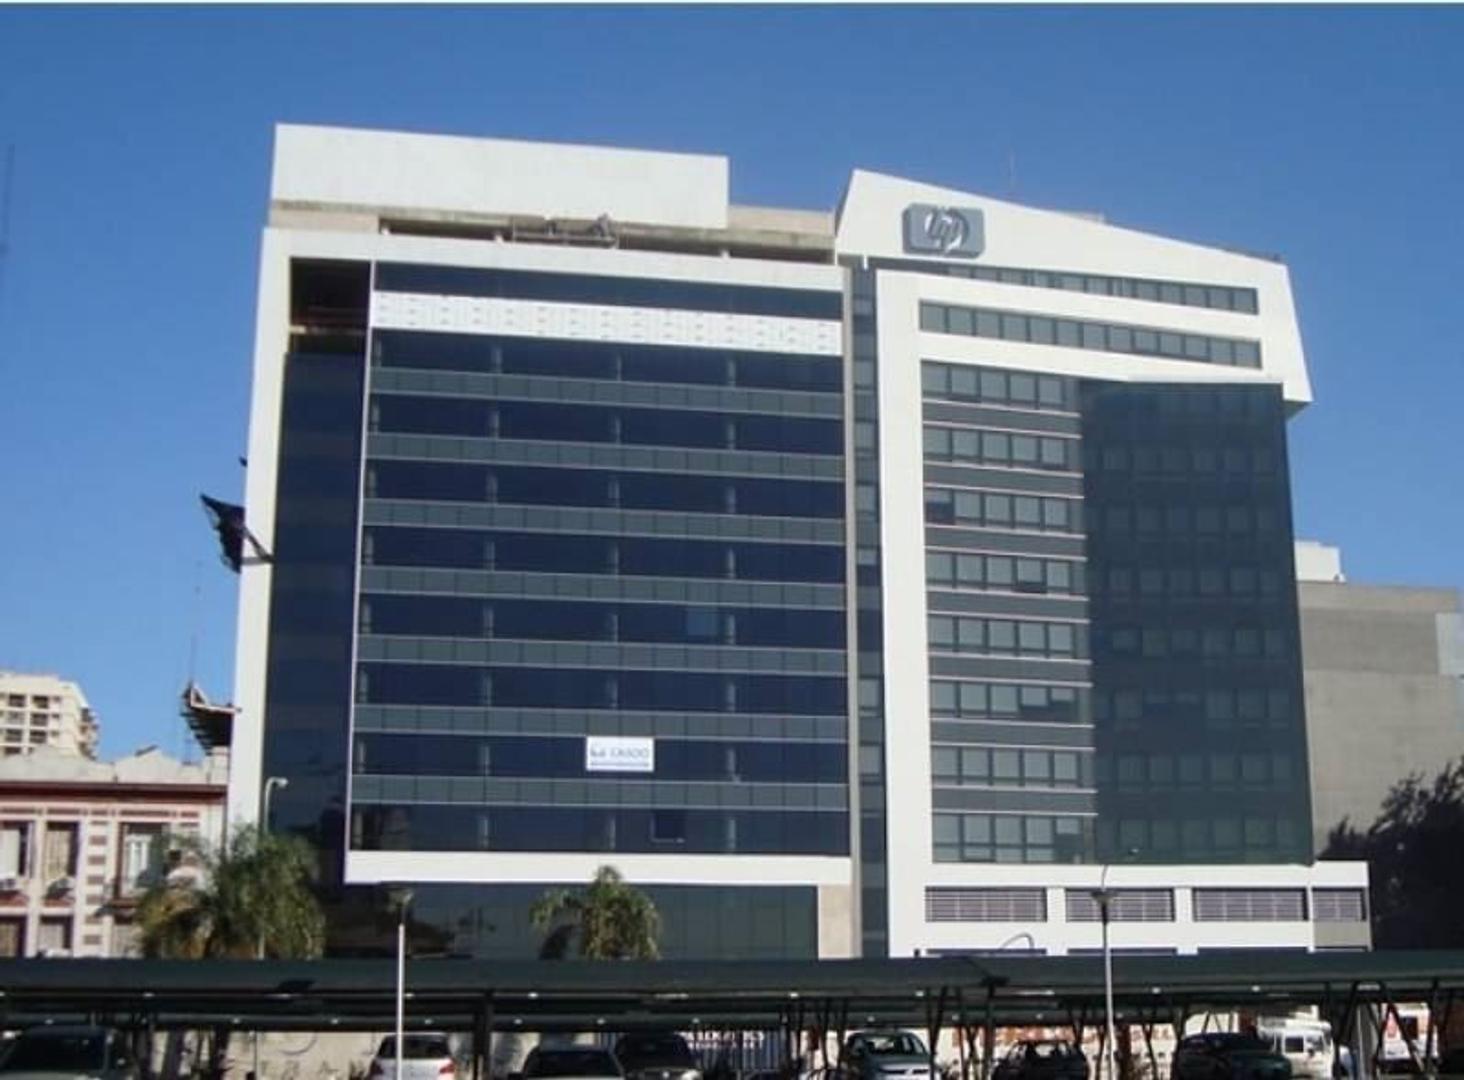 Excelente edificio de Oficinas 2900m2 Alquiler o venta.